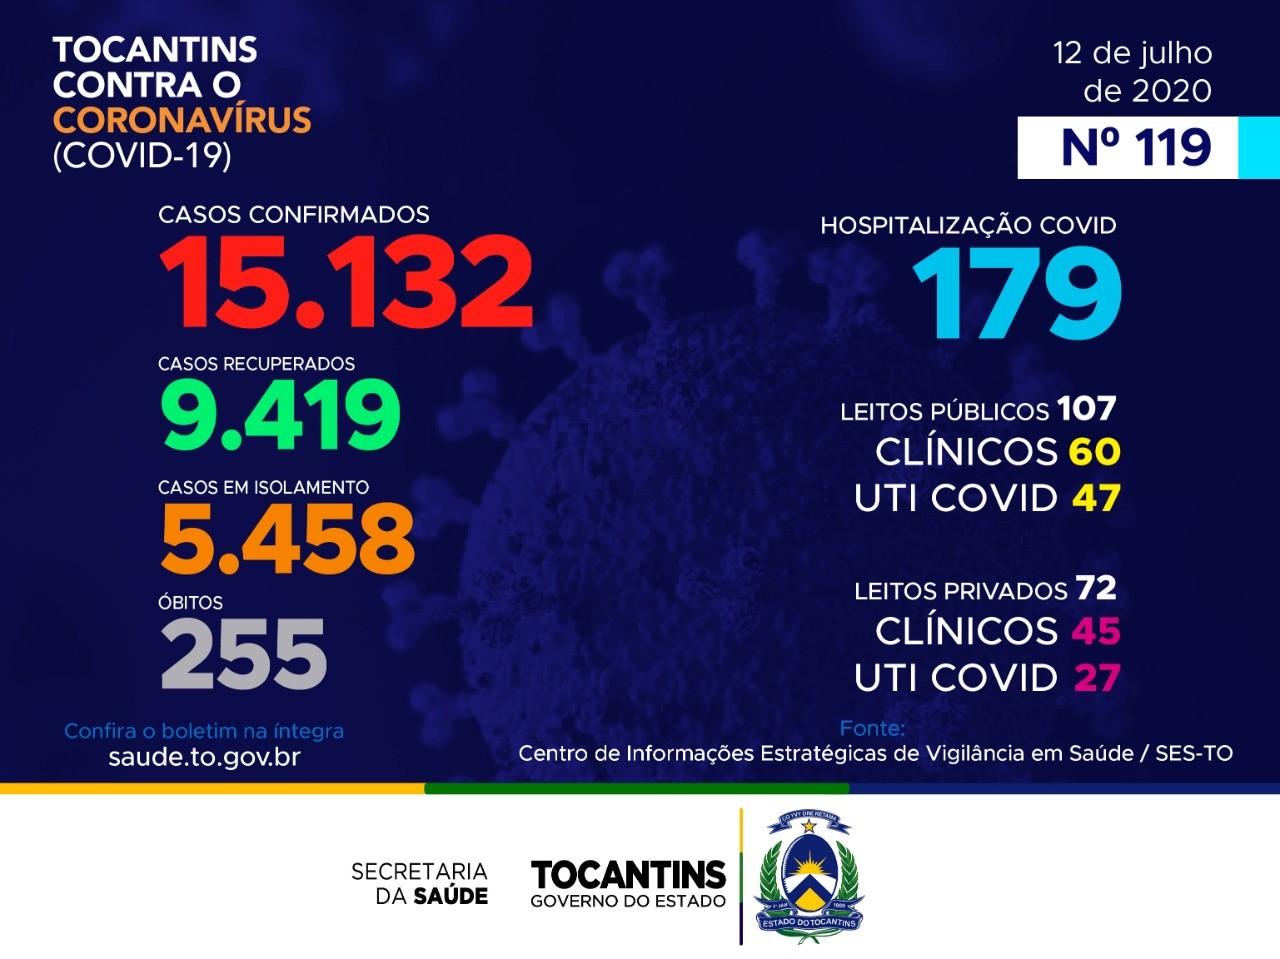 Tocantins contabiliza 184 casos do novo coronavírus neste domingo; veja boletim